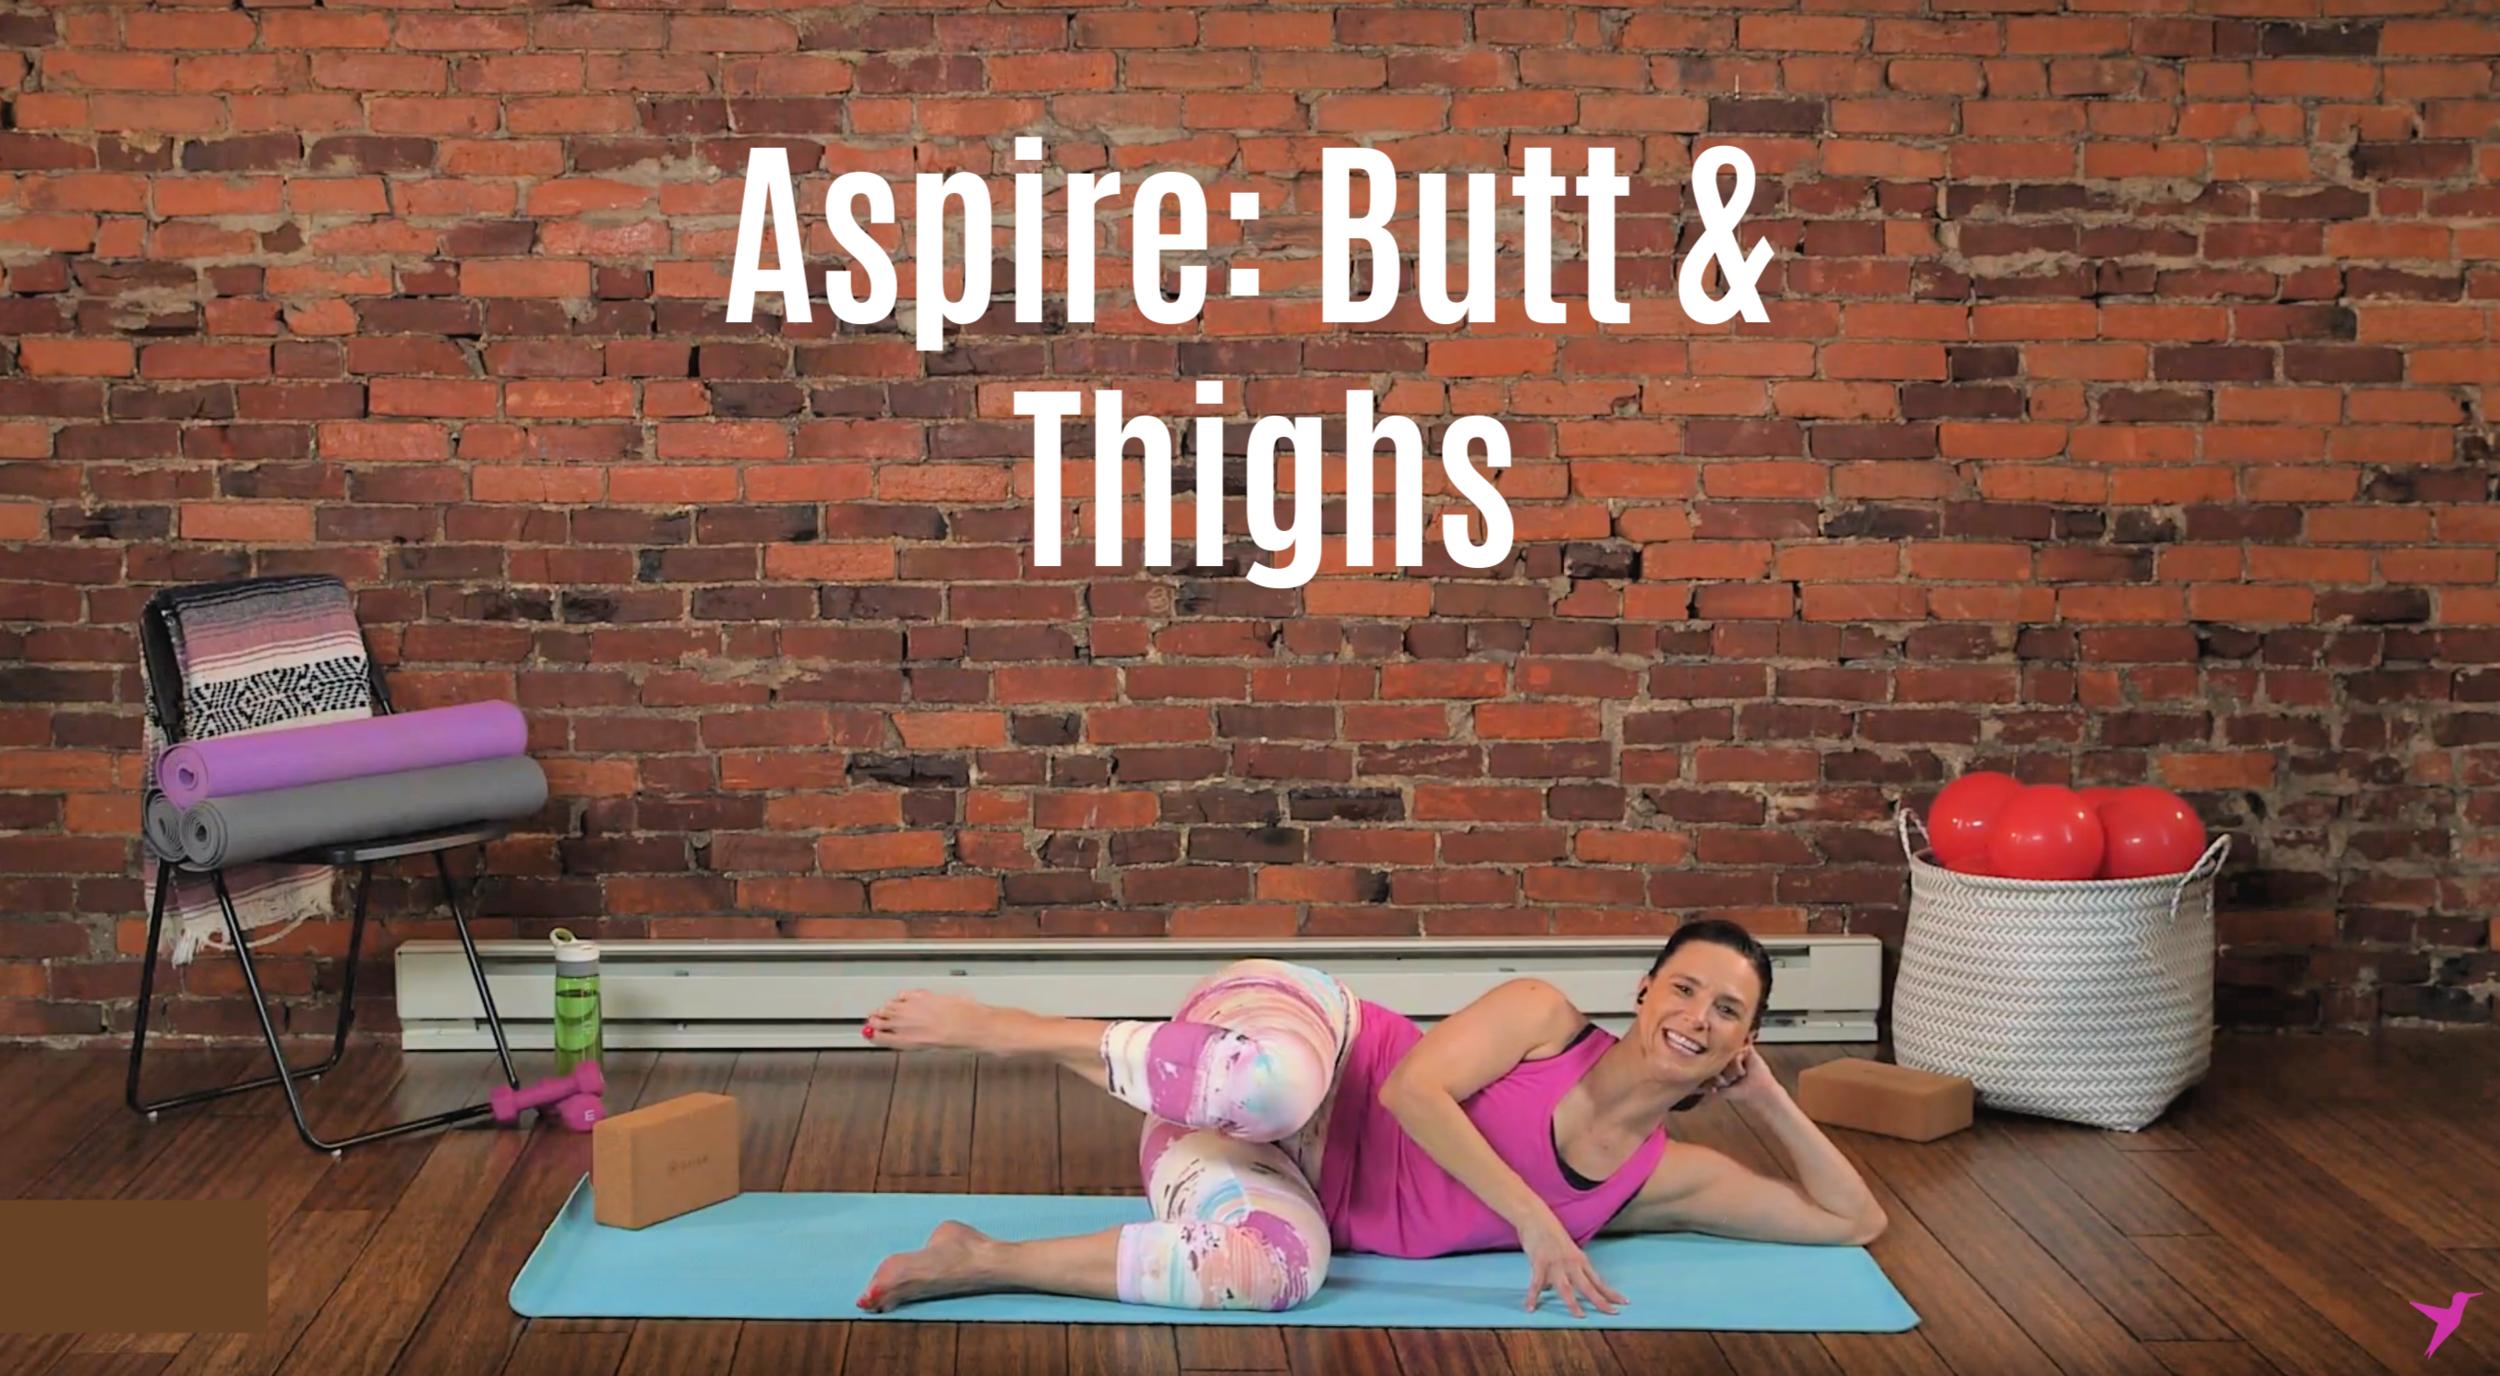 Butt & Thighs Workout Video